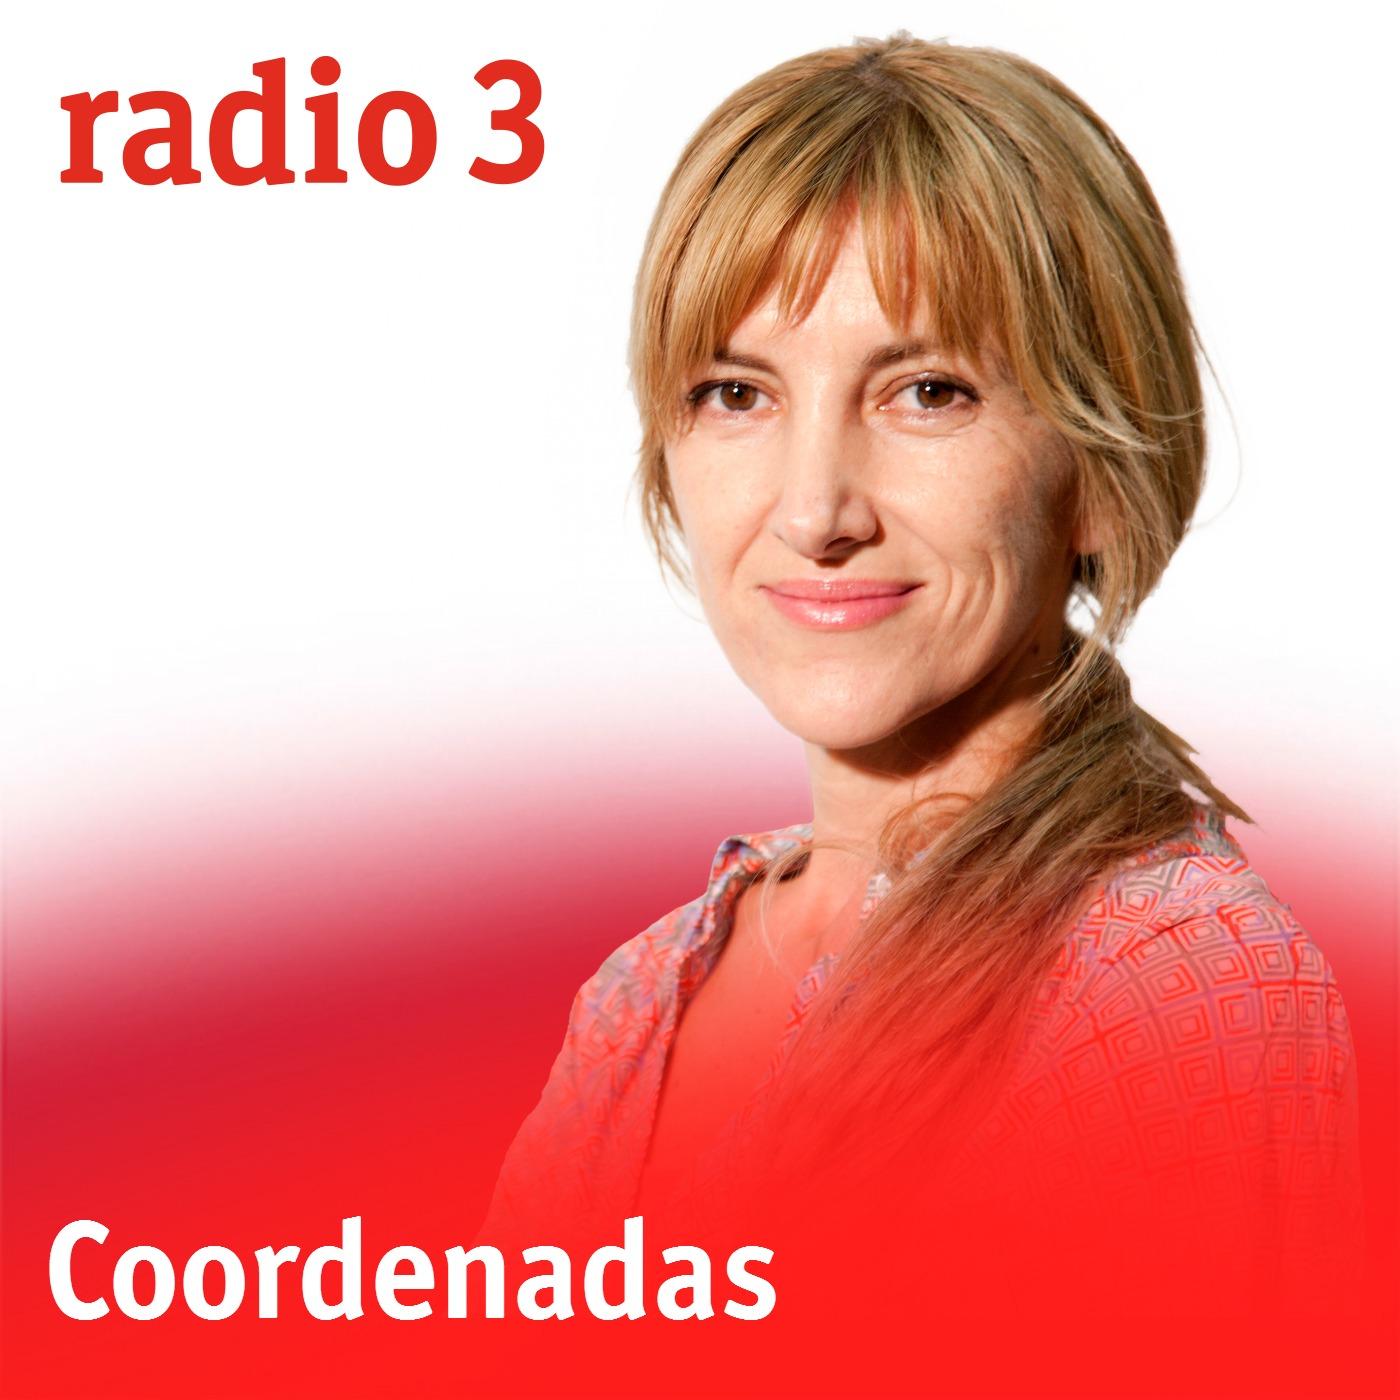 132b6028457ce Coordenadas - Hasta pronto - 31 08 17 - RTVE.es